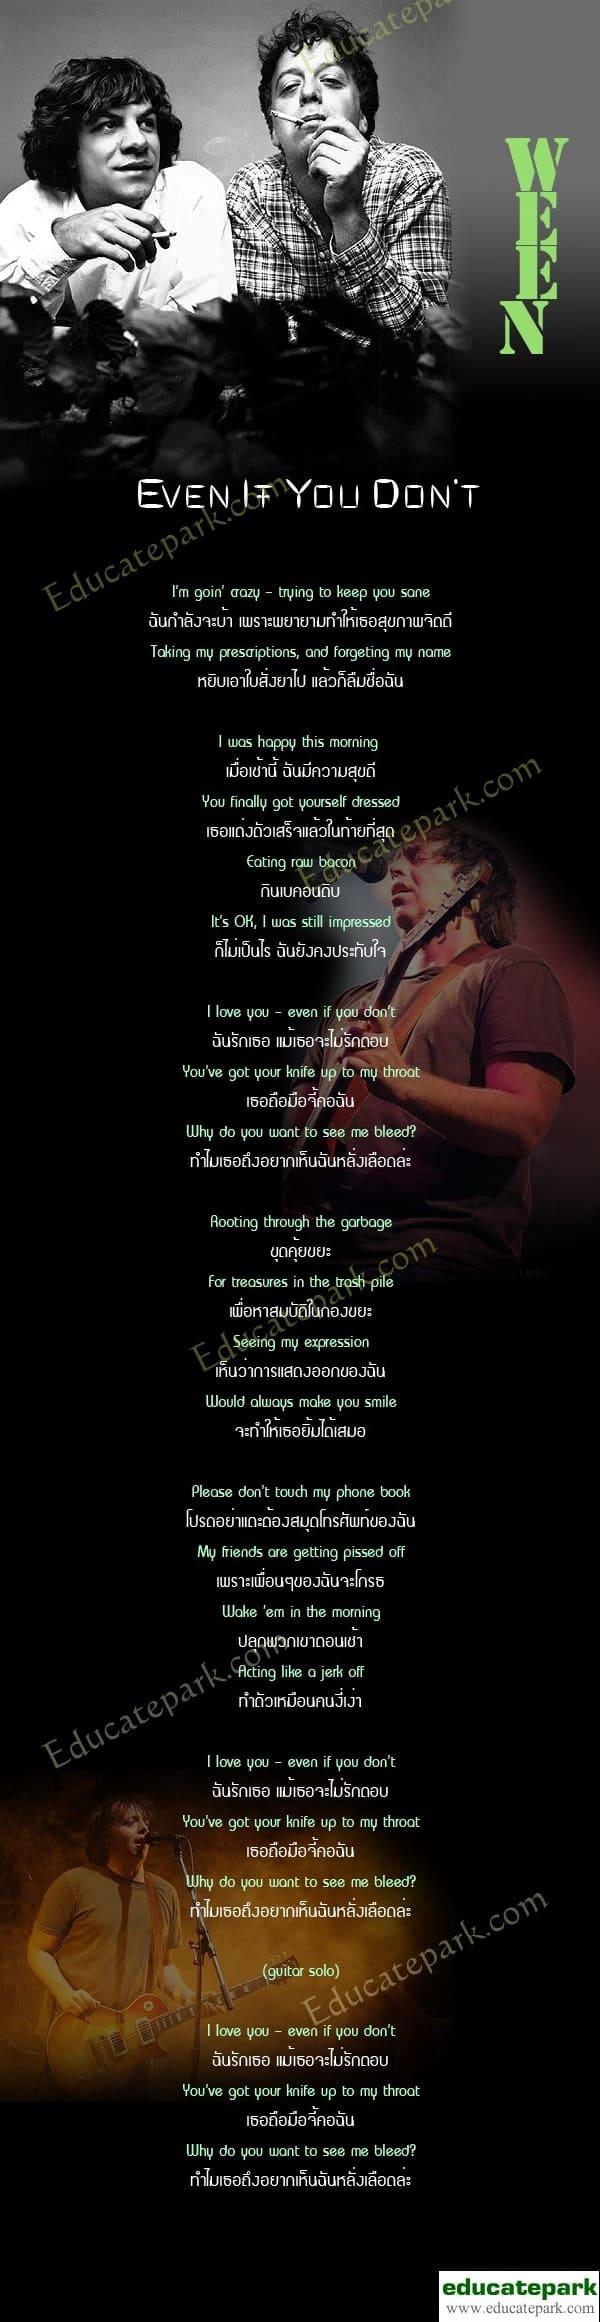 แปลเพลง Even If You Don't - Ween